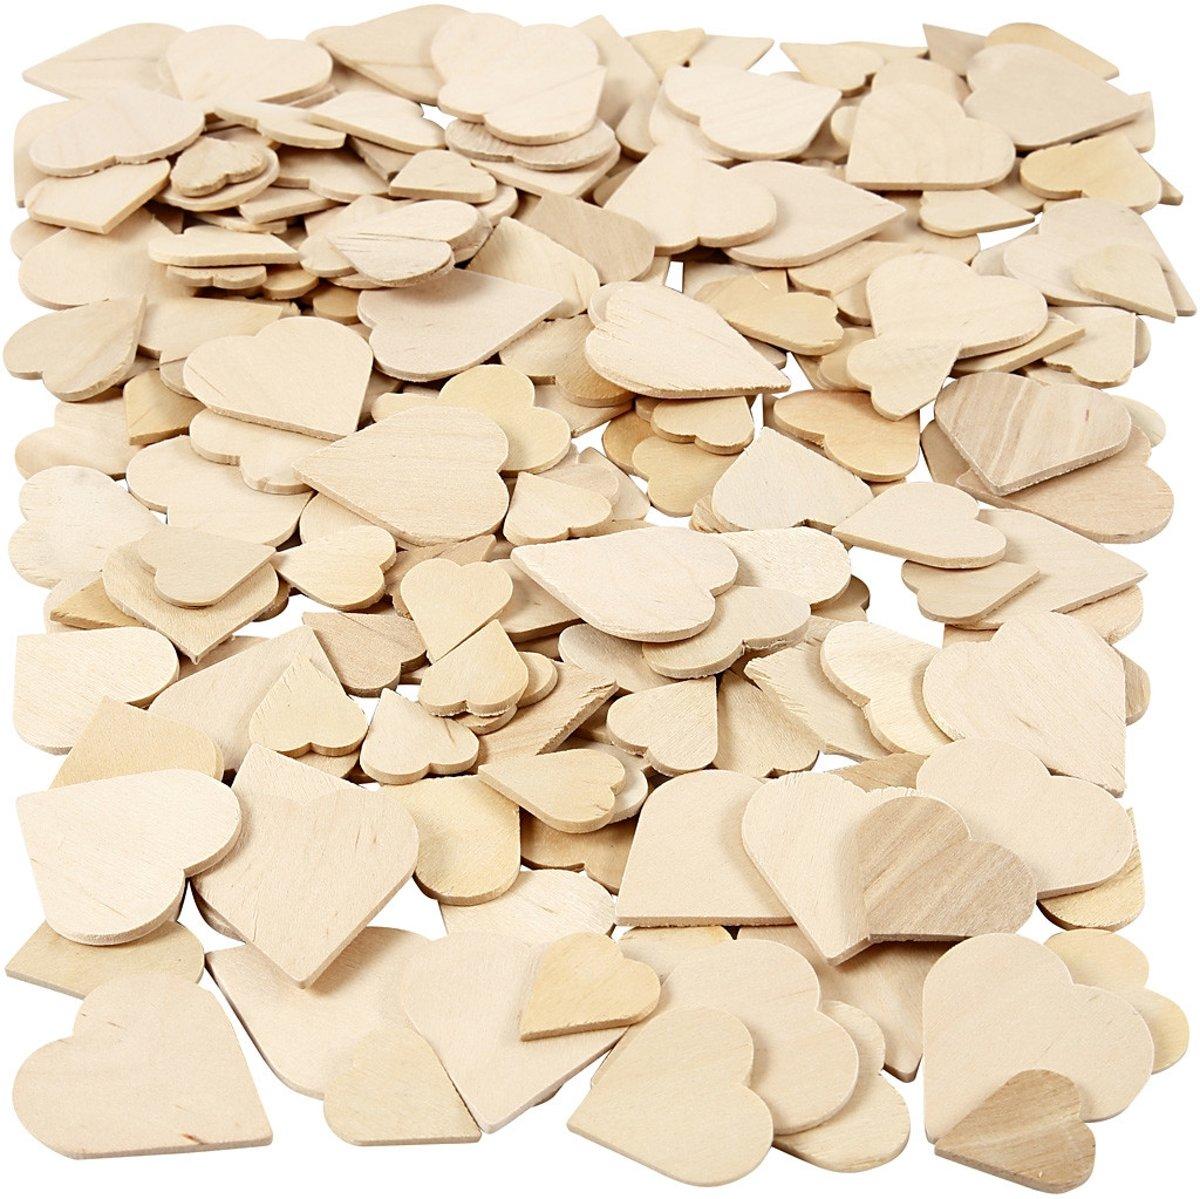 Mozaiek, harten, afm 18-30 mm, dikte 2 mm, berkehout, 60stuks [HOB-565791] kopen